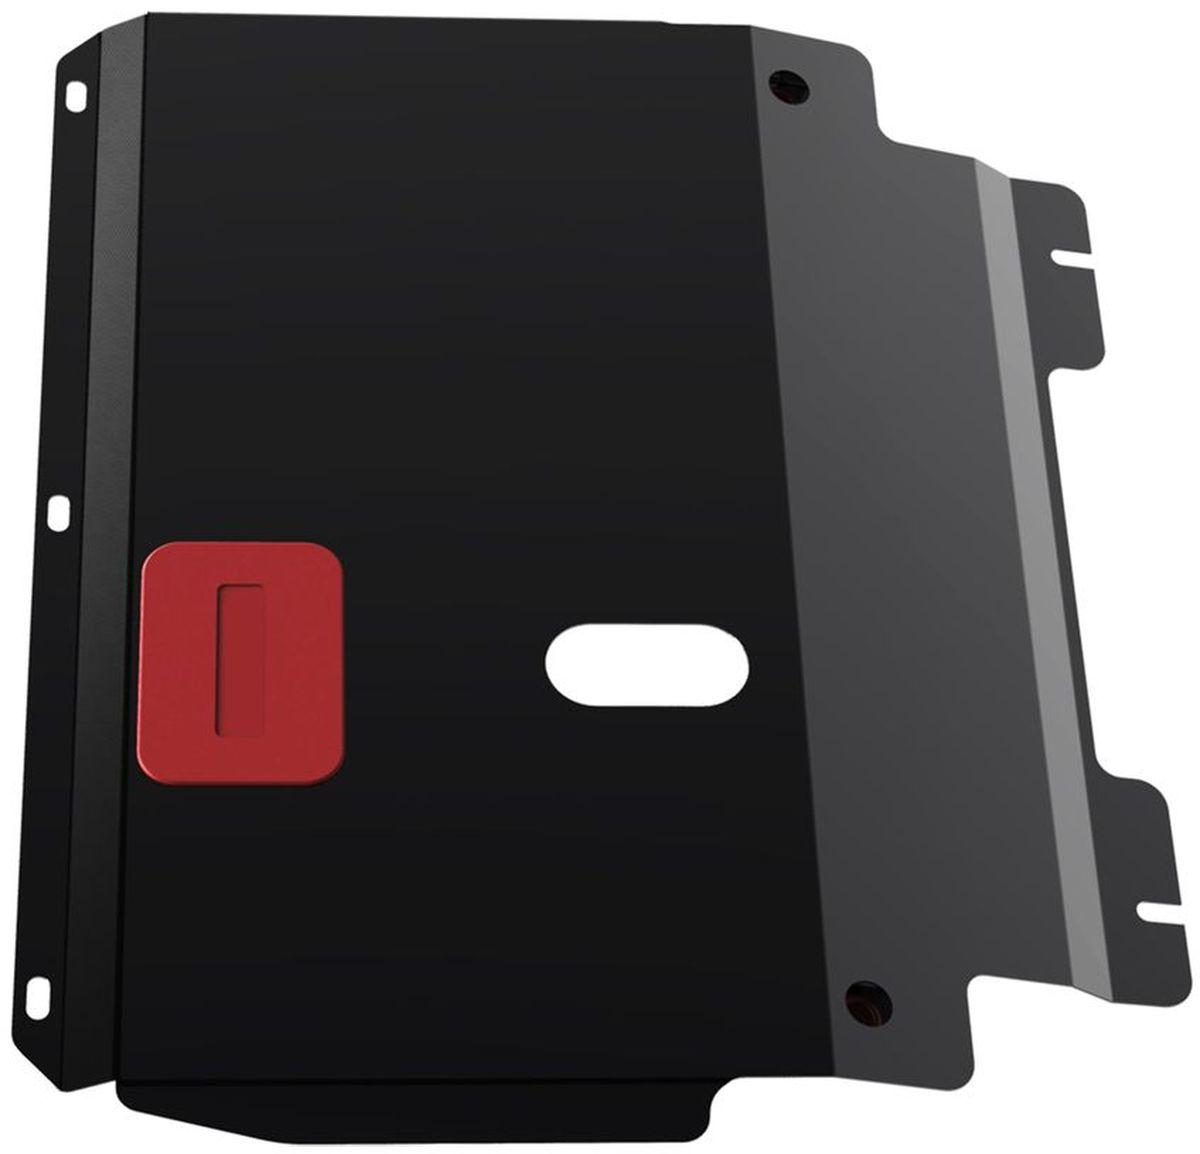 Защита картера и КПП Автоброня Ford Fusion 2002-/Ford Fiesta 2002-2008, сталь 2 мм111.01806.3Защита картера и КПП Автоброня для Ford Fusion, V - 1,4; 1,6 2002-/Ford Fiesta, V -1,3; 1,4; 1,6 2002-2008, сталь 2 мм, комплект крепежа, 111.01806.3Стальные защиты Автоброня надежно защищают ваш автомобиль от повреждений при наезде на бордюры, выступающие канализационные люки, кромки поврежденного асфальта или при ремонте дорог, не говоря уже о загородных дорогах.- Имеют оптимальное соотношение цена-качество.- Спроектированы с учетом особенностей автомобиля, что делает установку удобной.- Защита устанавливается в штатные места кузова автомобиля.- Является надежной защитой для важных элементов на протяжении долгих лет.- Глубокий штамп дополнительно усиливает конструкцию защиты.- Подштамповка в местах крепления защищает крепеж от срезания.- Технологические отверстия там, где они необходимы для смены масла и слива воды, оборудованные заглушками, закрепленными на защите.Толщина стали 2 мм.В комплекте крепеж и инструкция по установке.